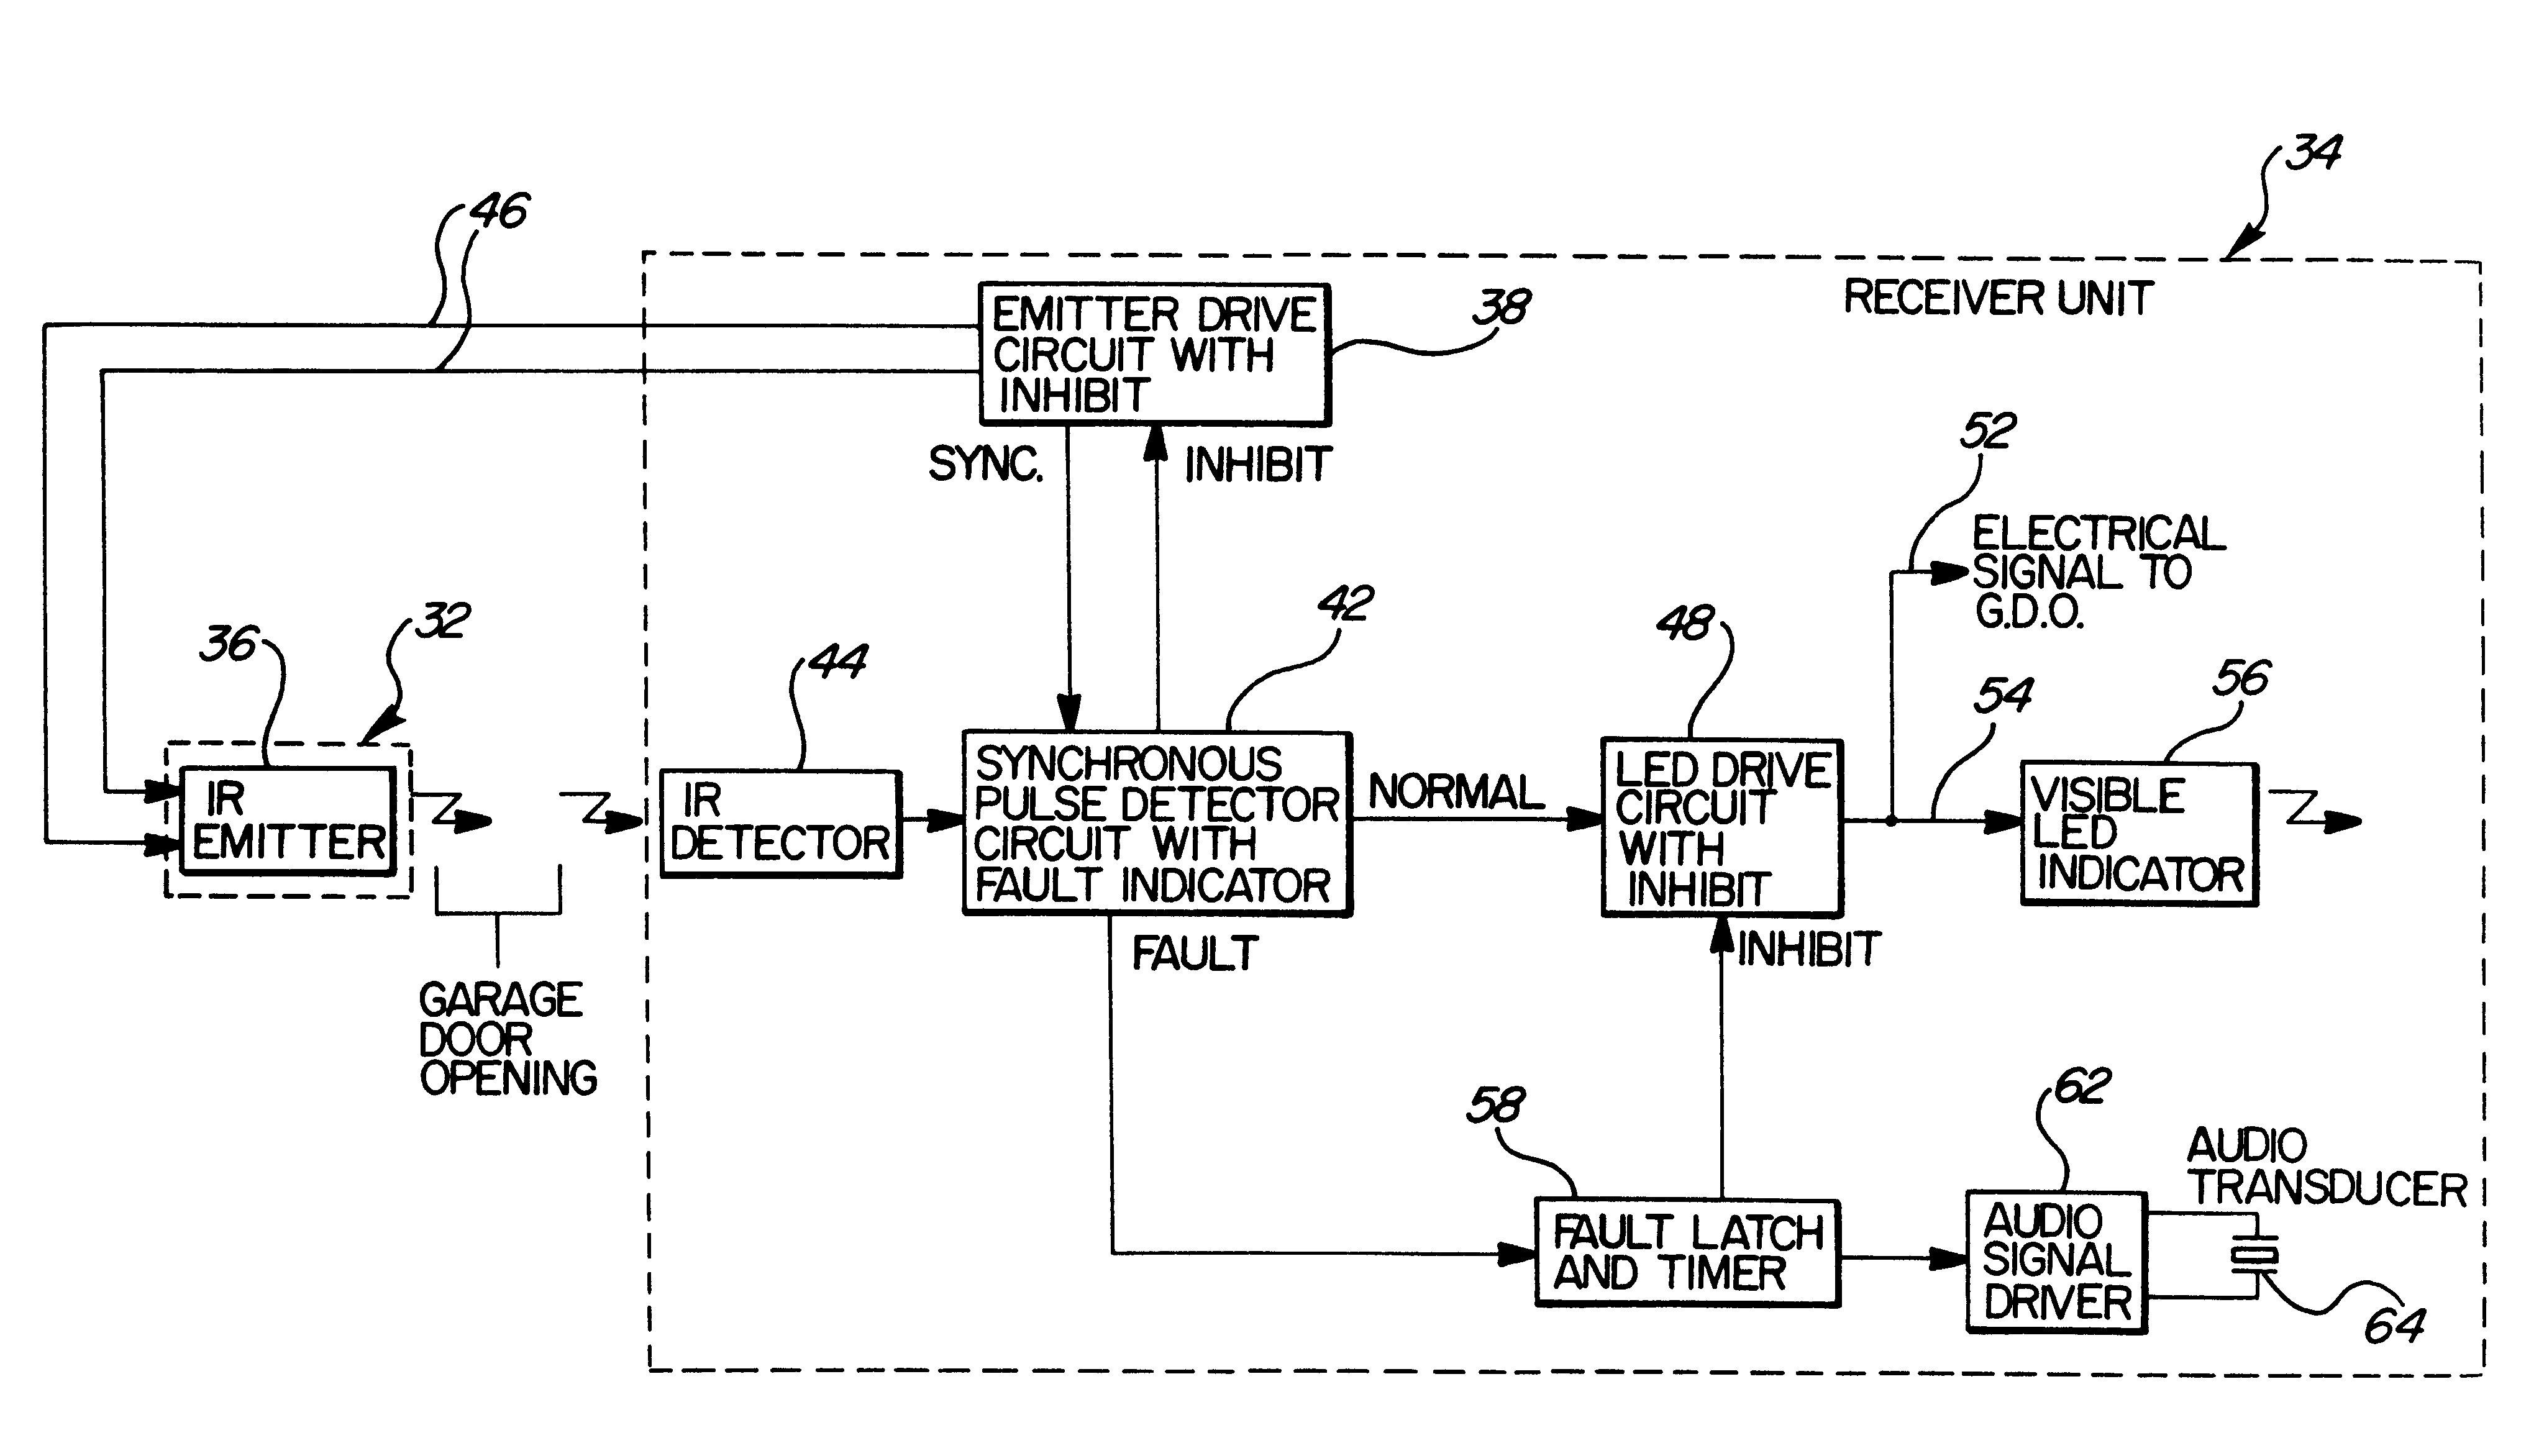 garage door safety sensor wiring diagram Download-Wiring Diagram For Lift Master Safety Sensors Data And Garage Door Sensor Schematic 2-f